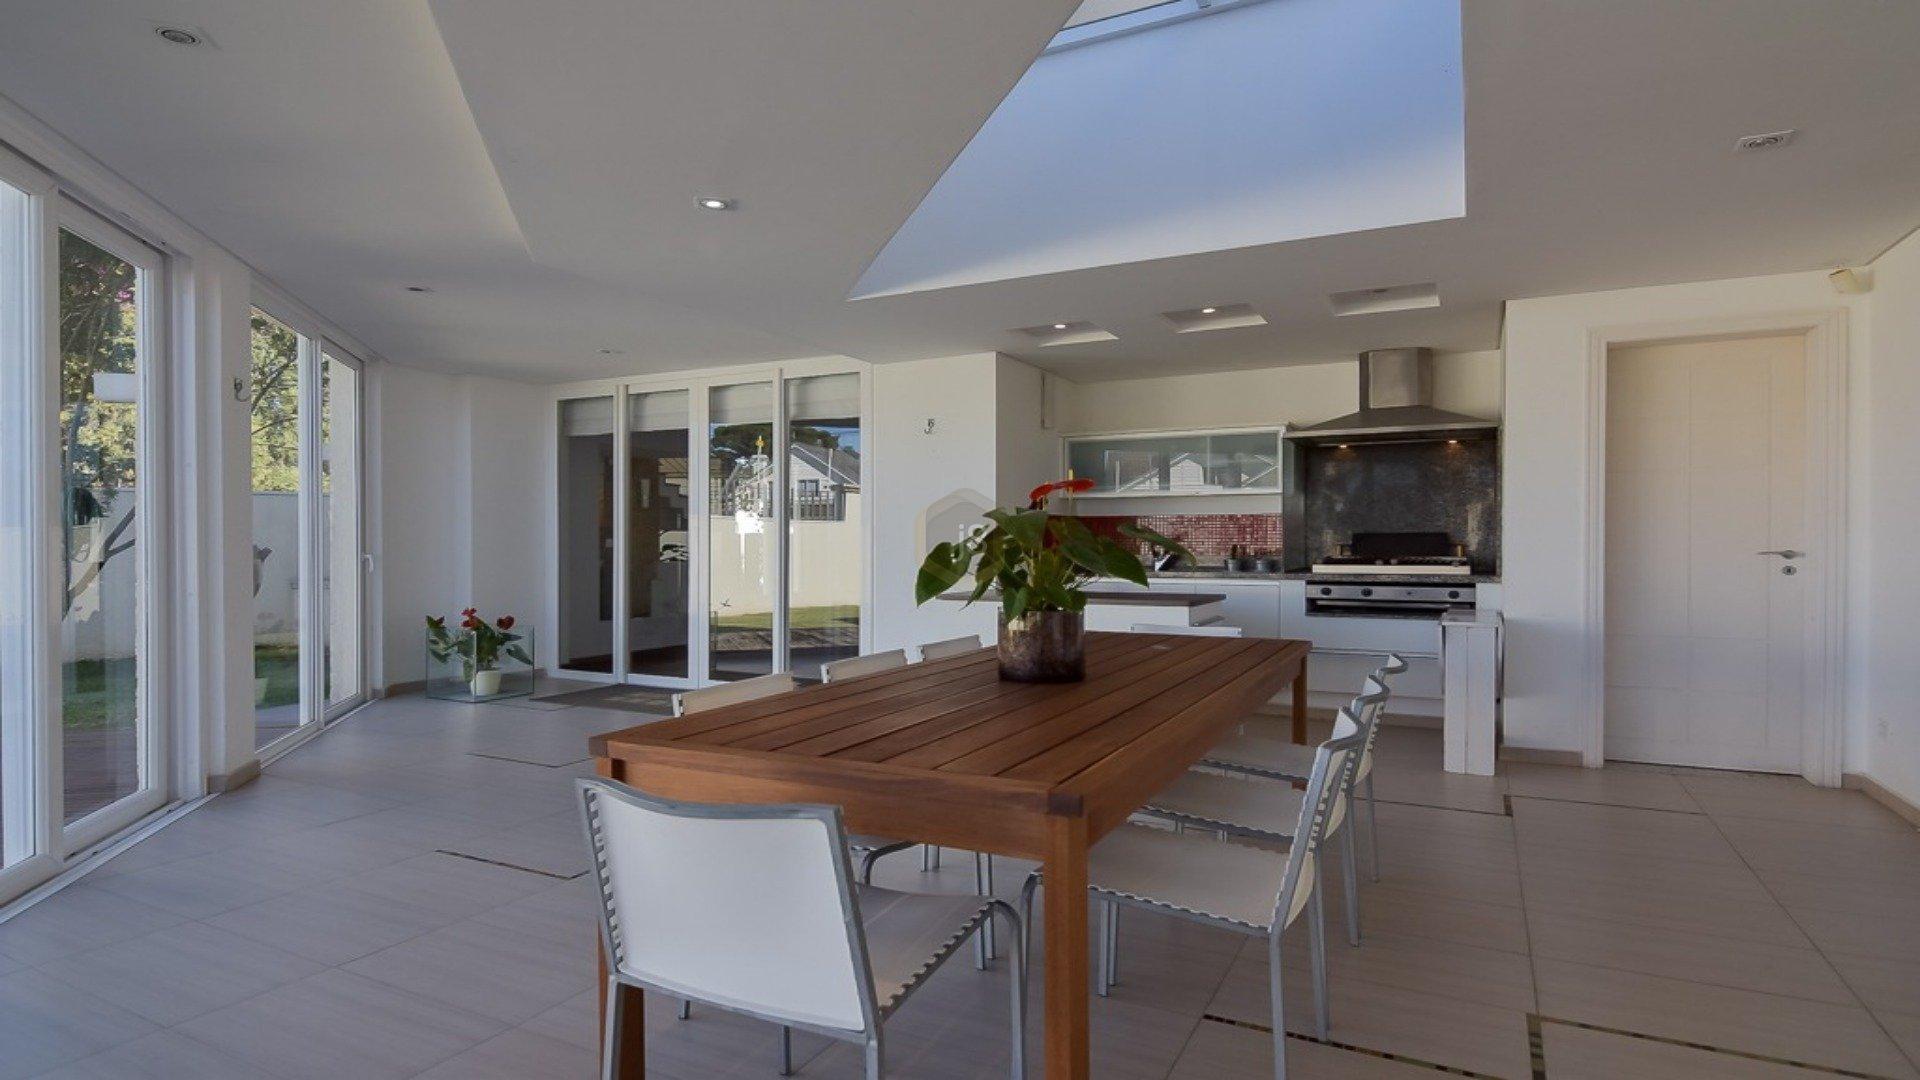 Foto de destaque Oportunidade!! casa em condomínio com amplo jardim!